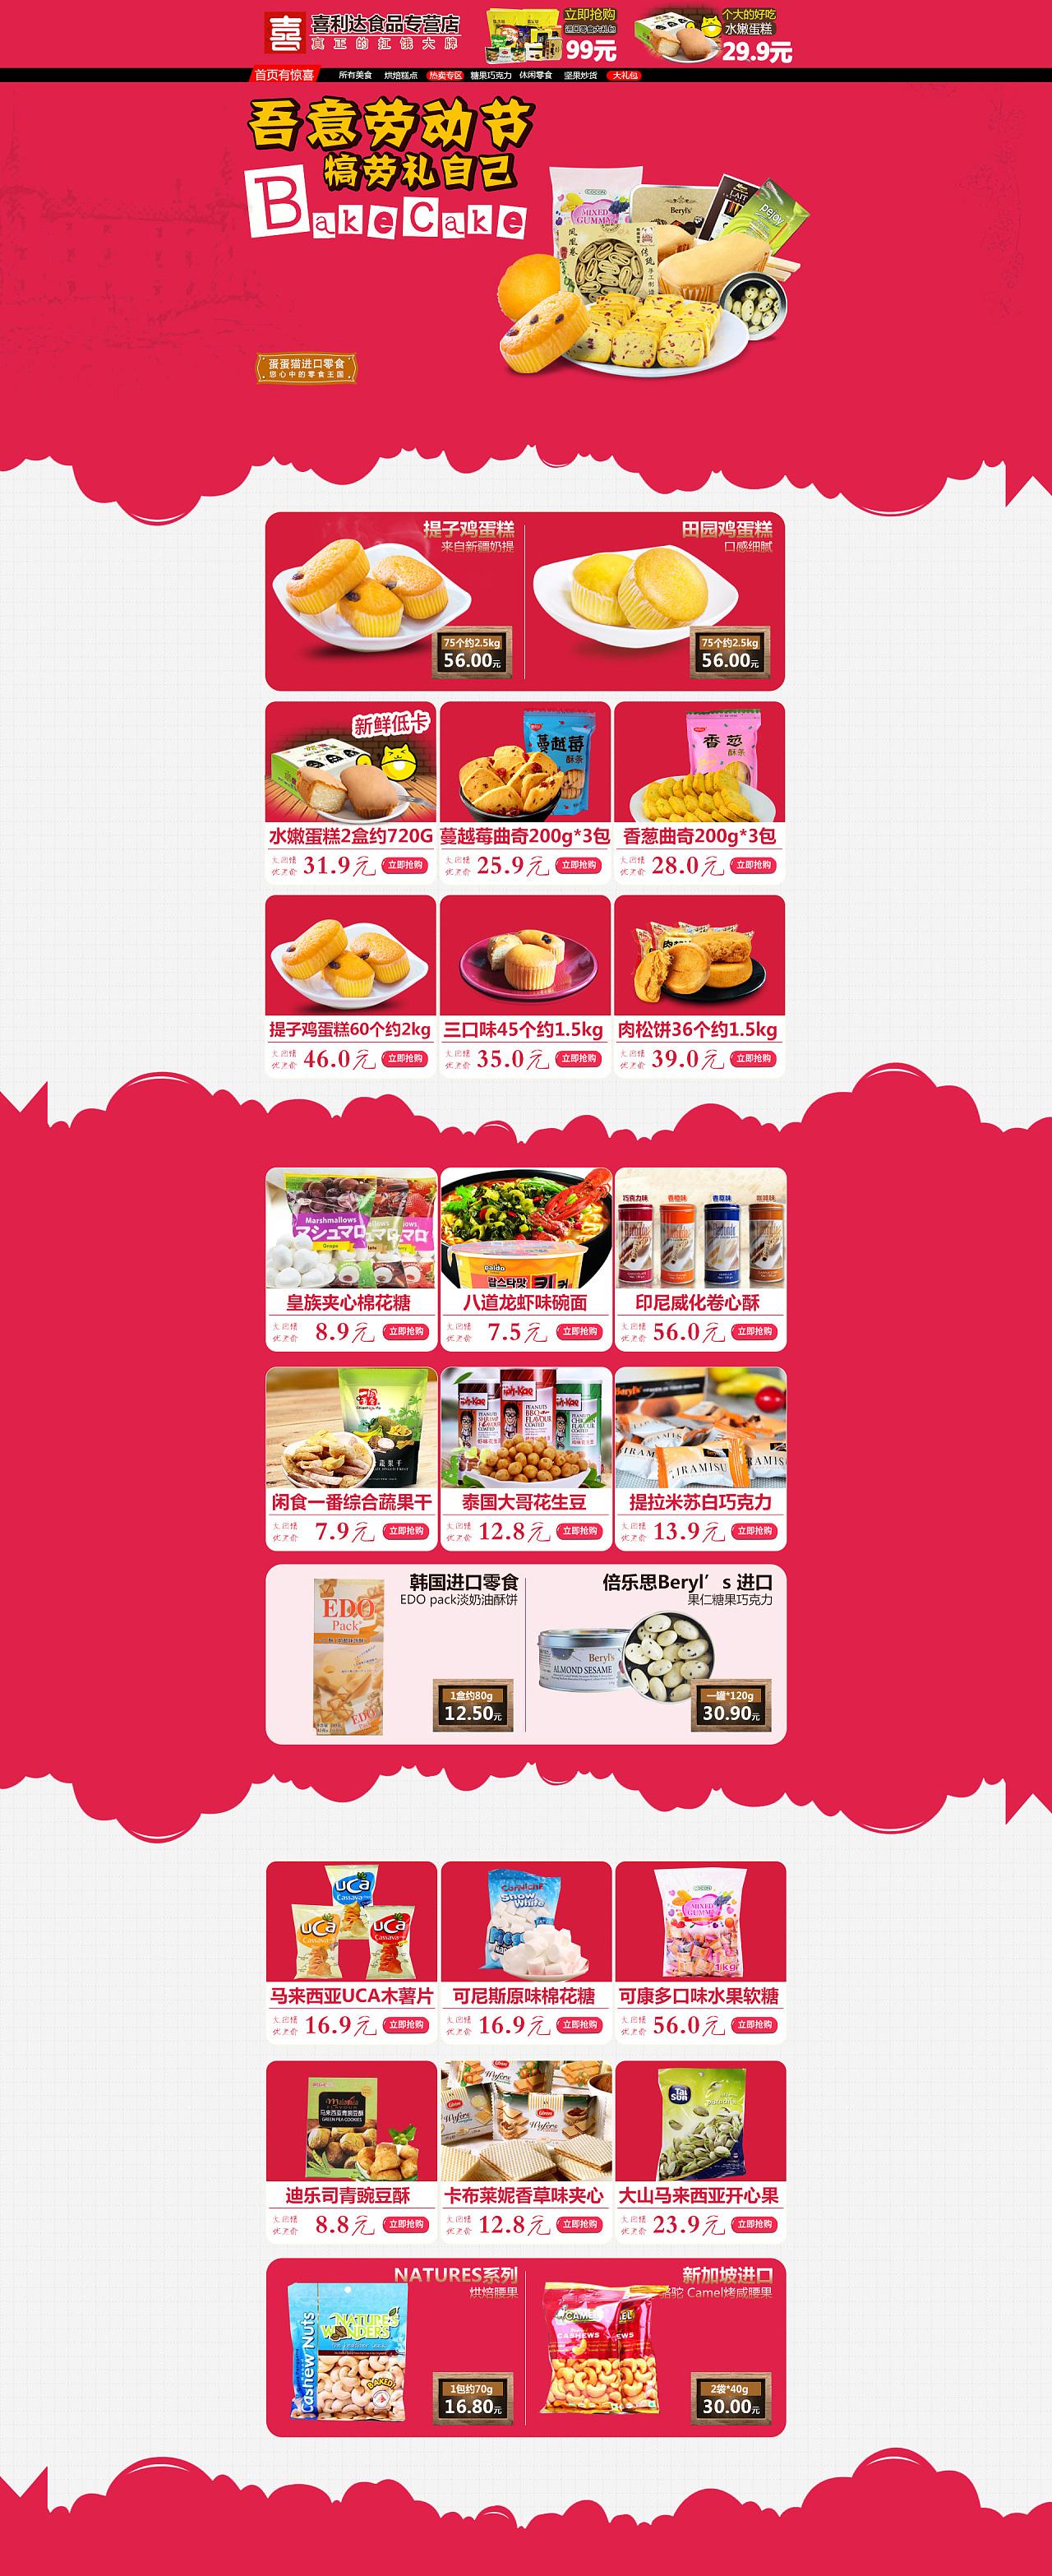 五一活动海报电子商务天猫淘宝京东店铺首页店